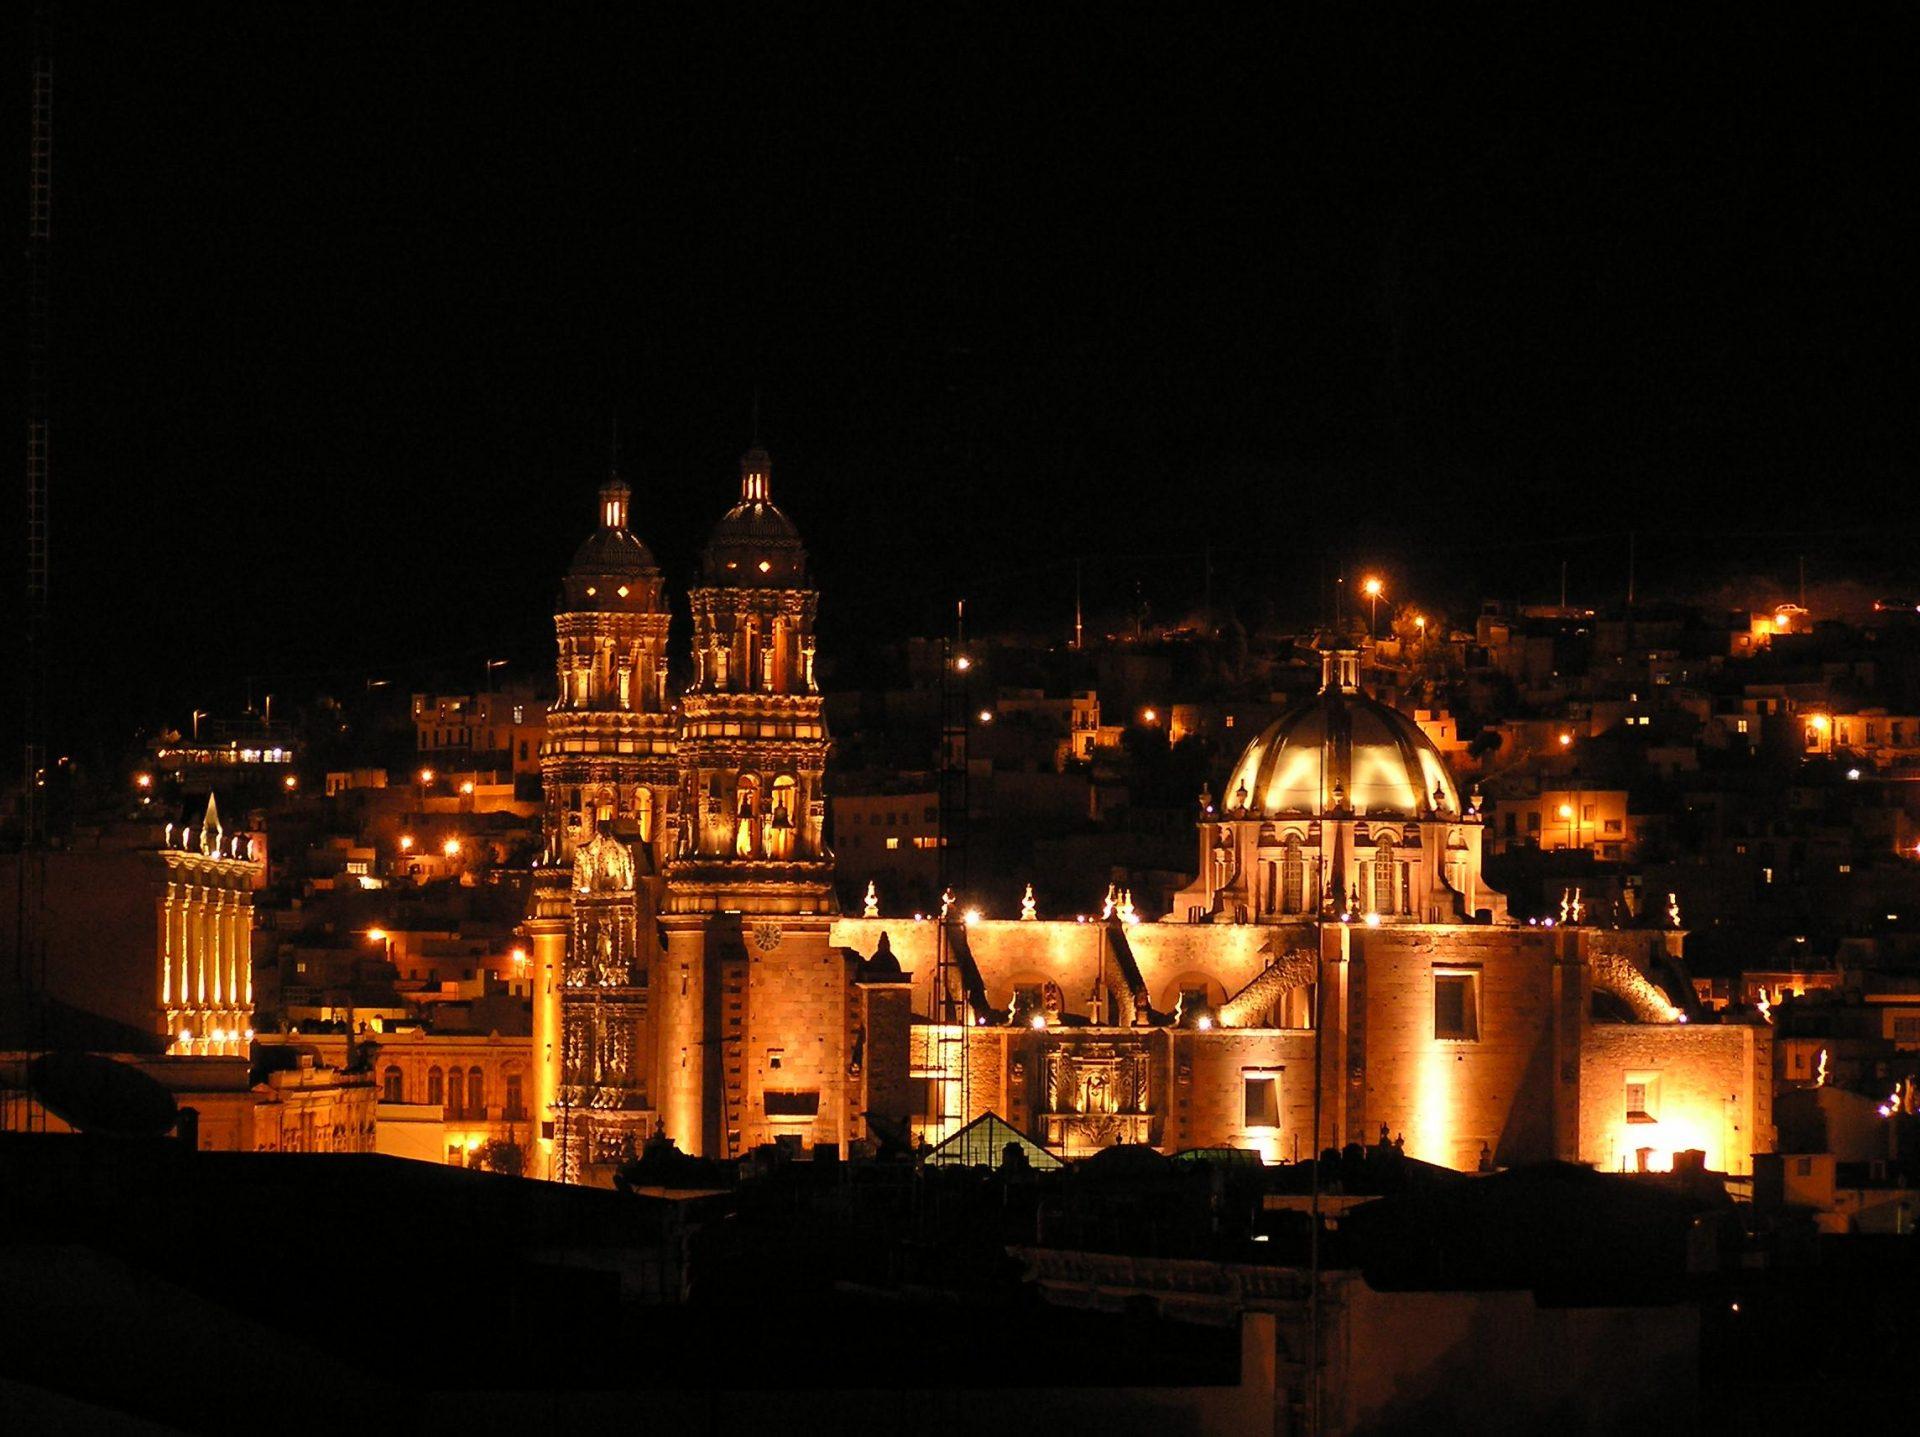 Vive siete noches en Zacatecas